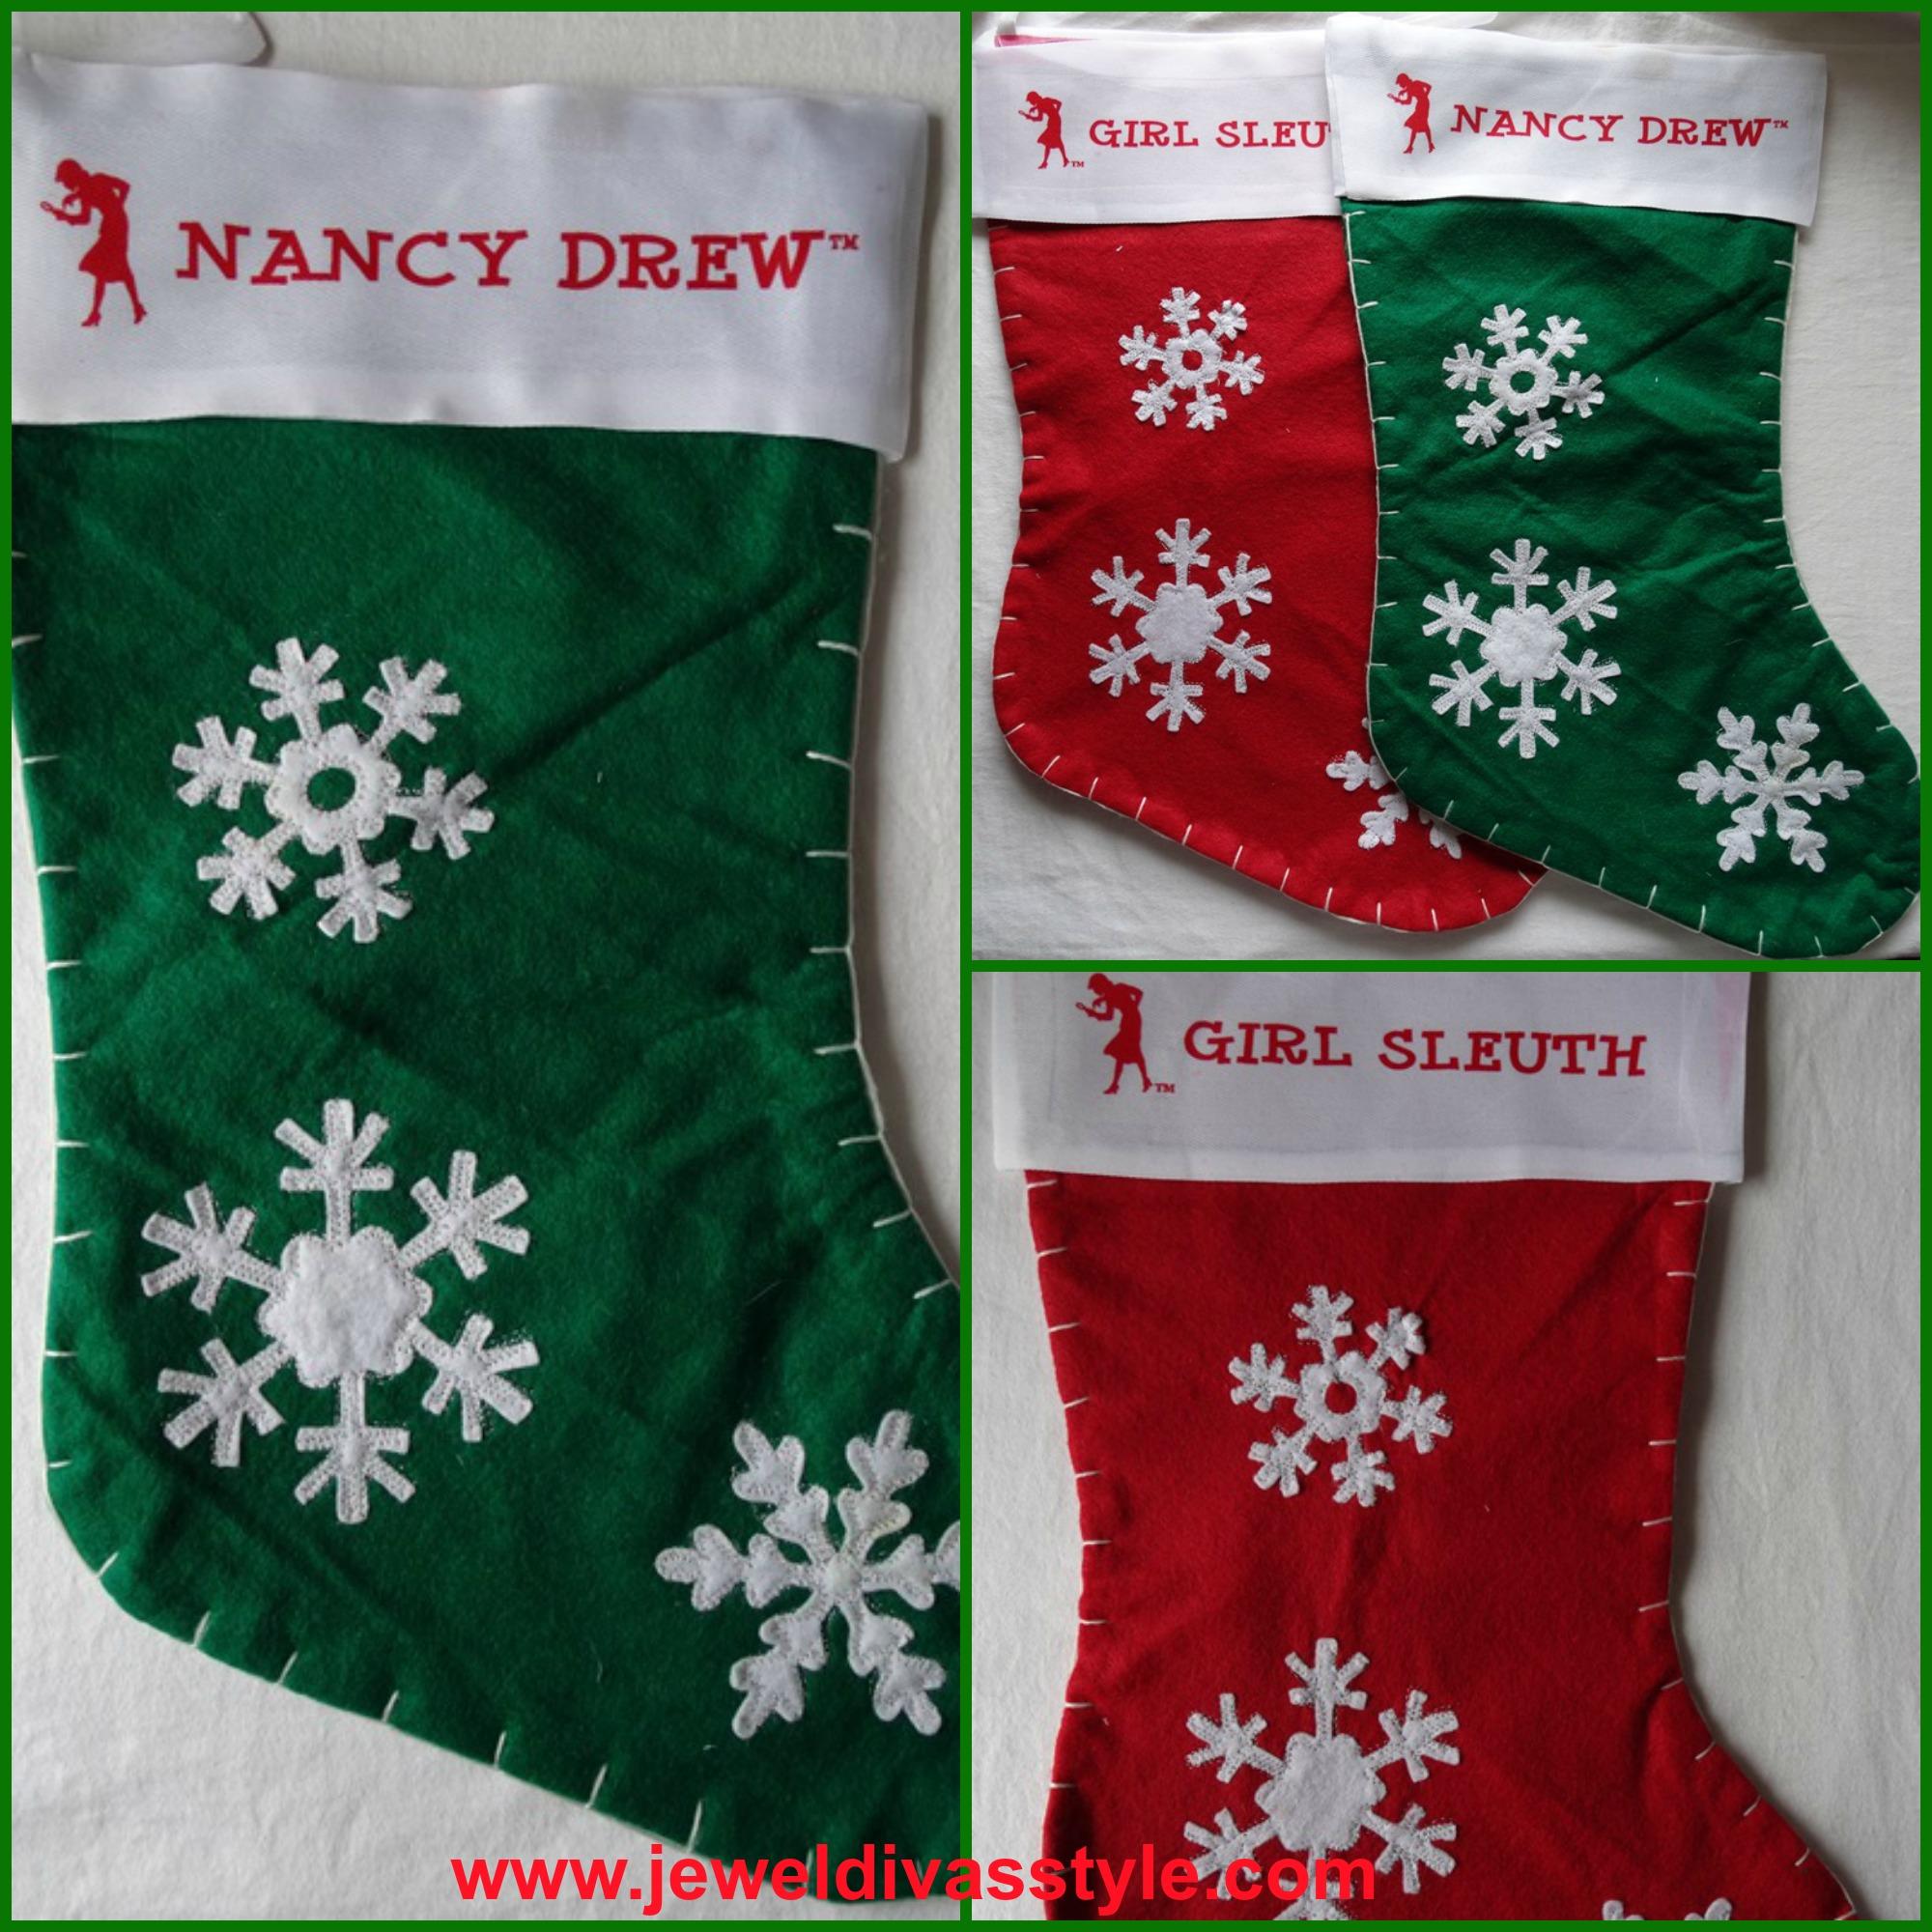 NANCY DREW STOCKINGS